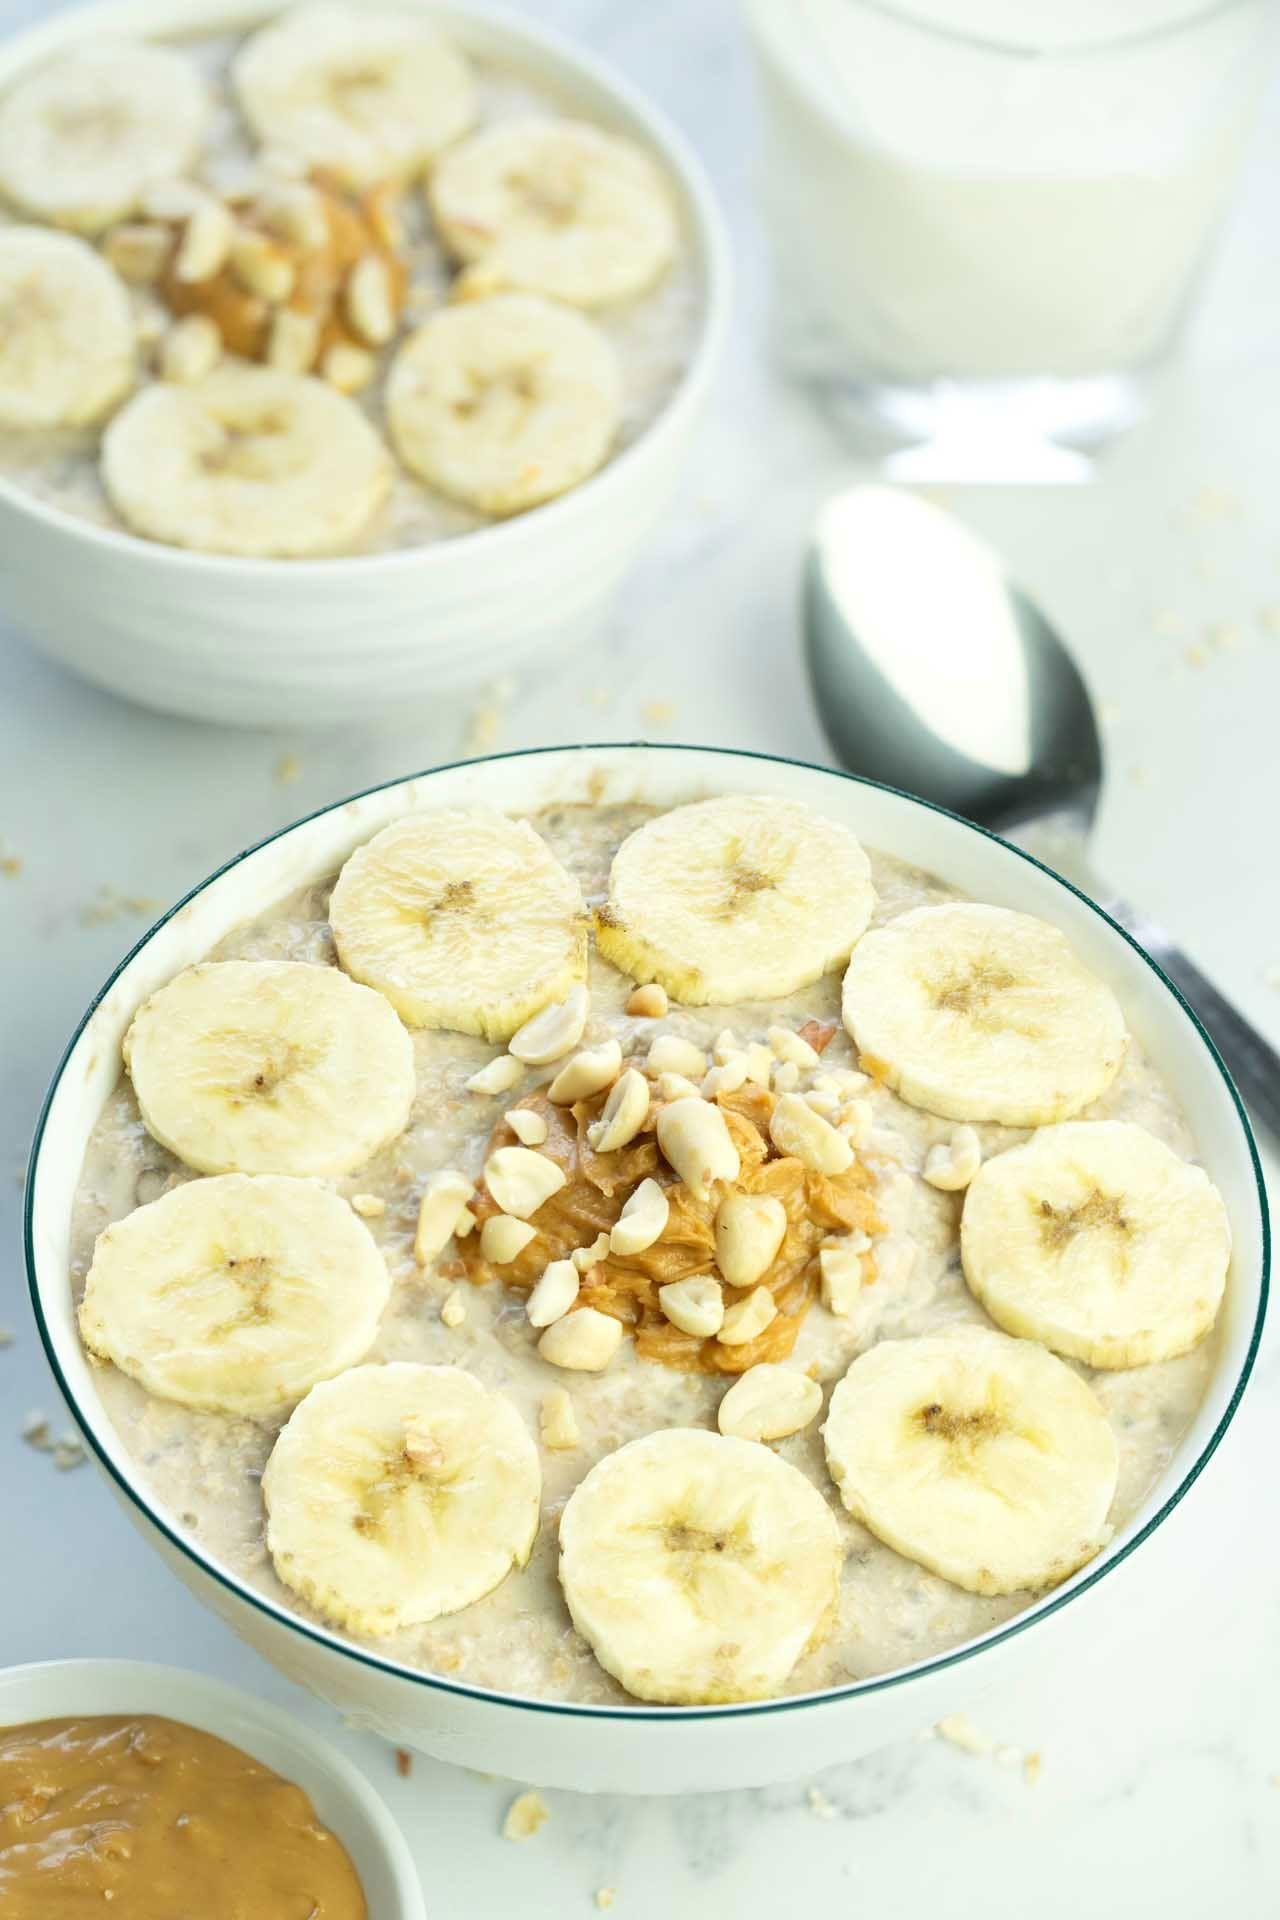 Is it ok to eat raw oats